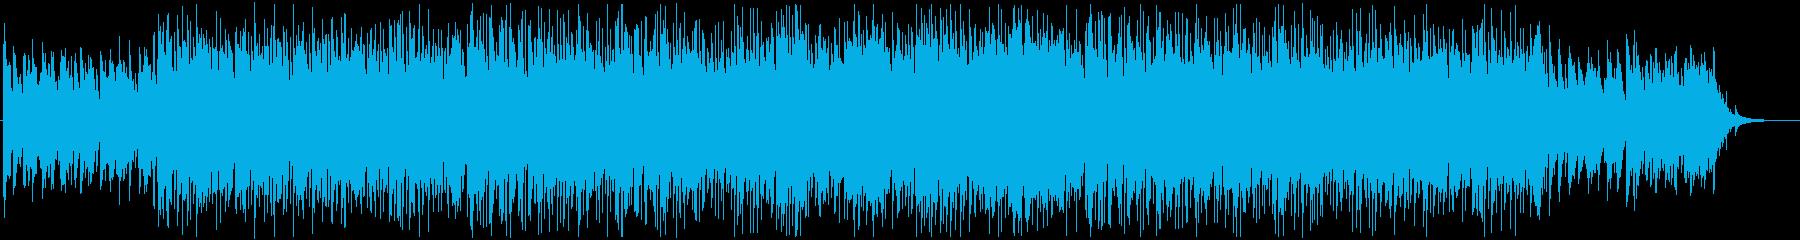 初雪のジャズワルツ:ピアノトリオの再生済みの波形